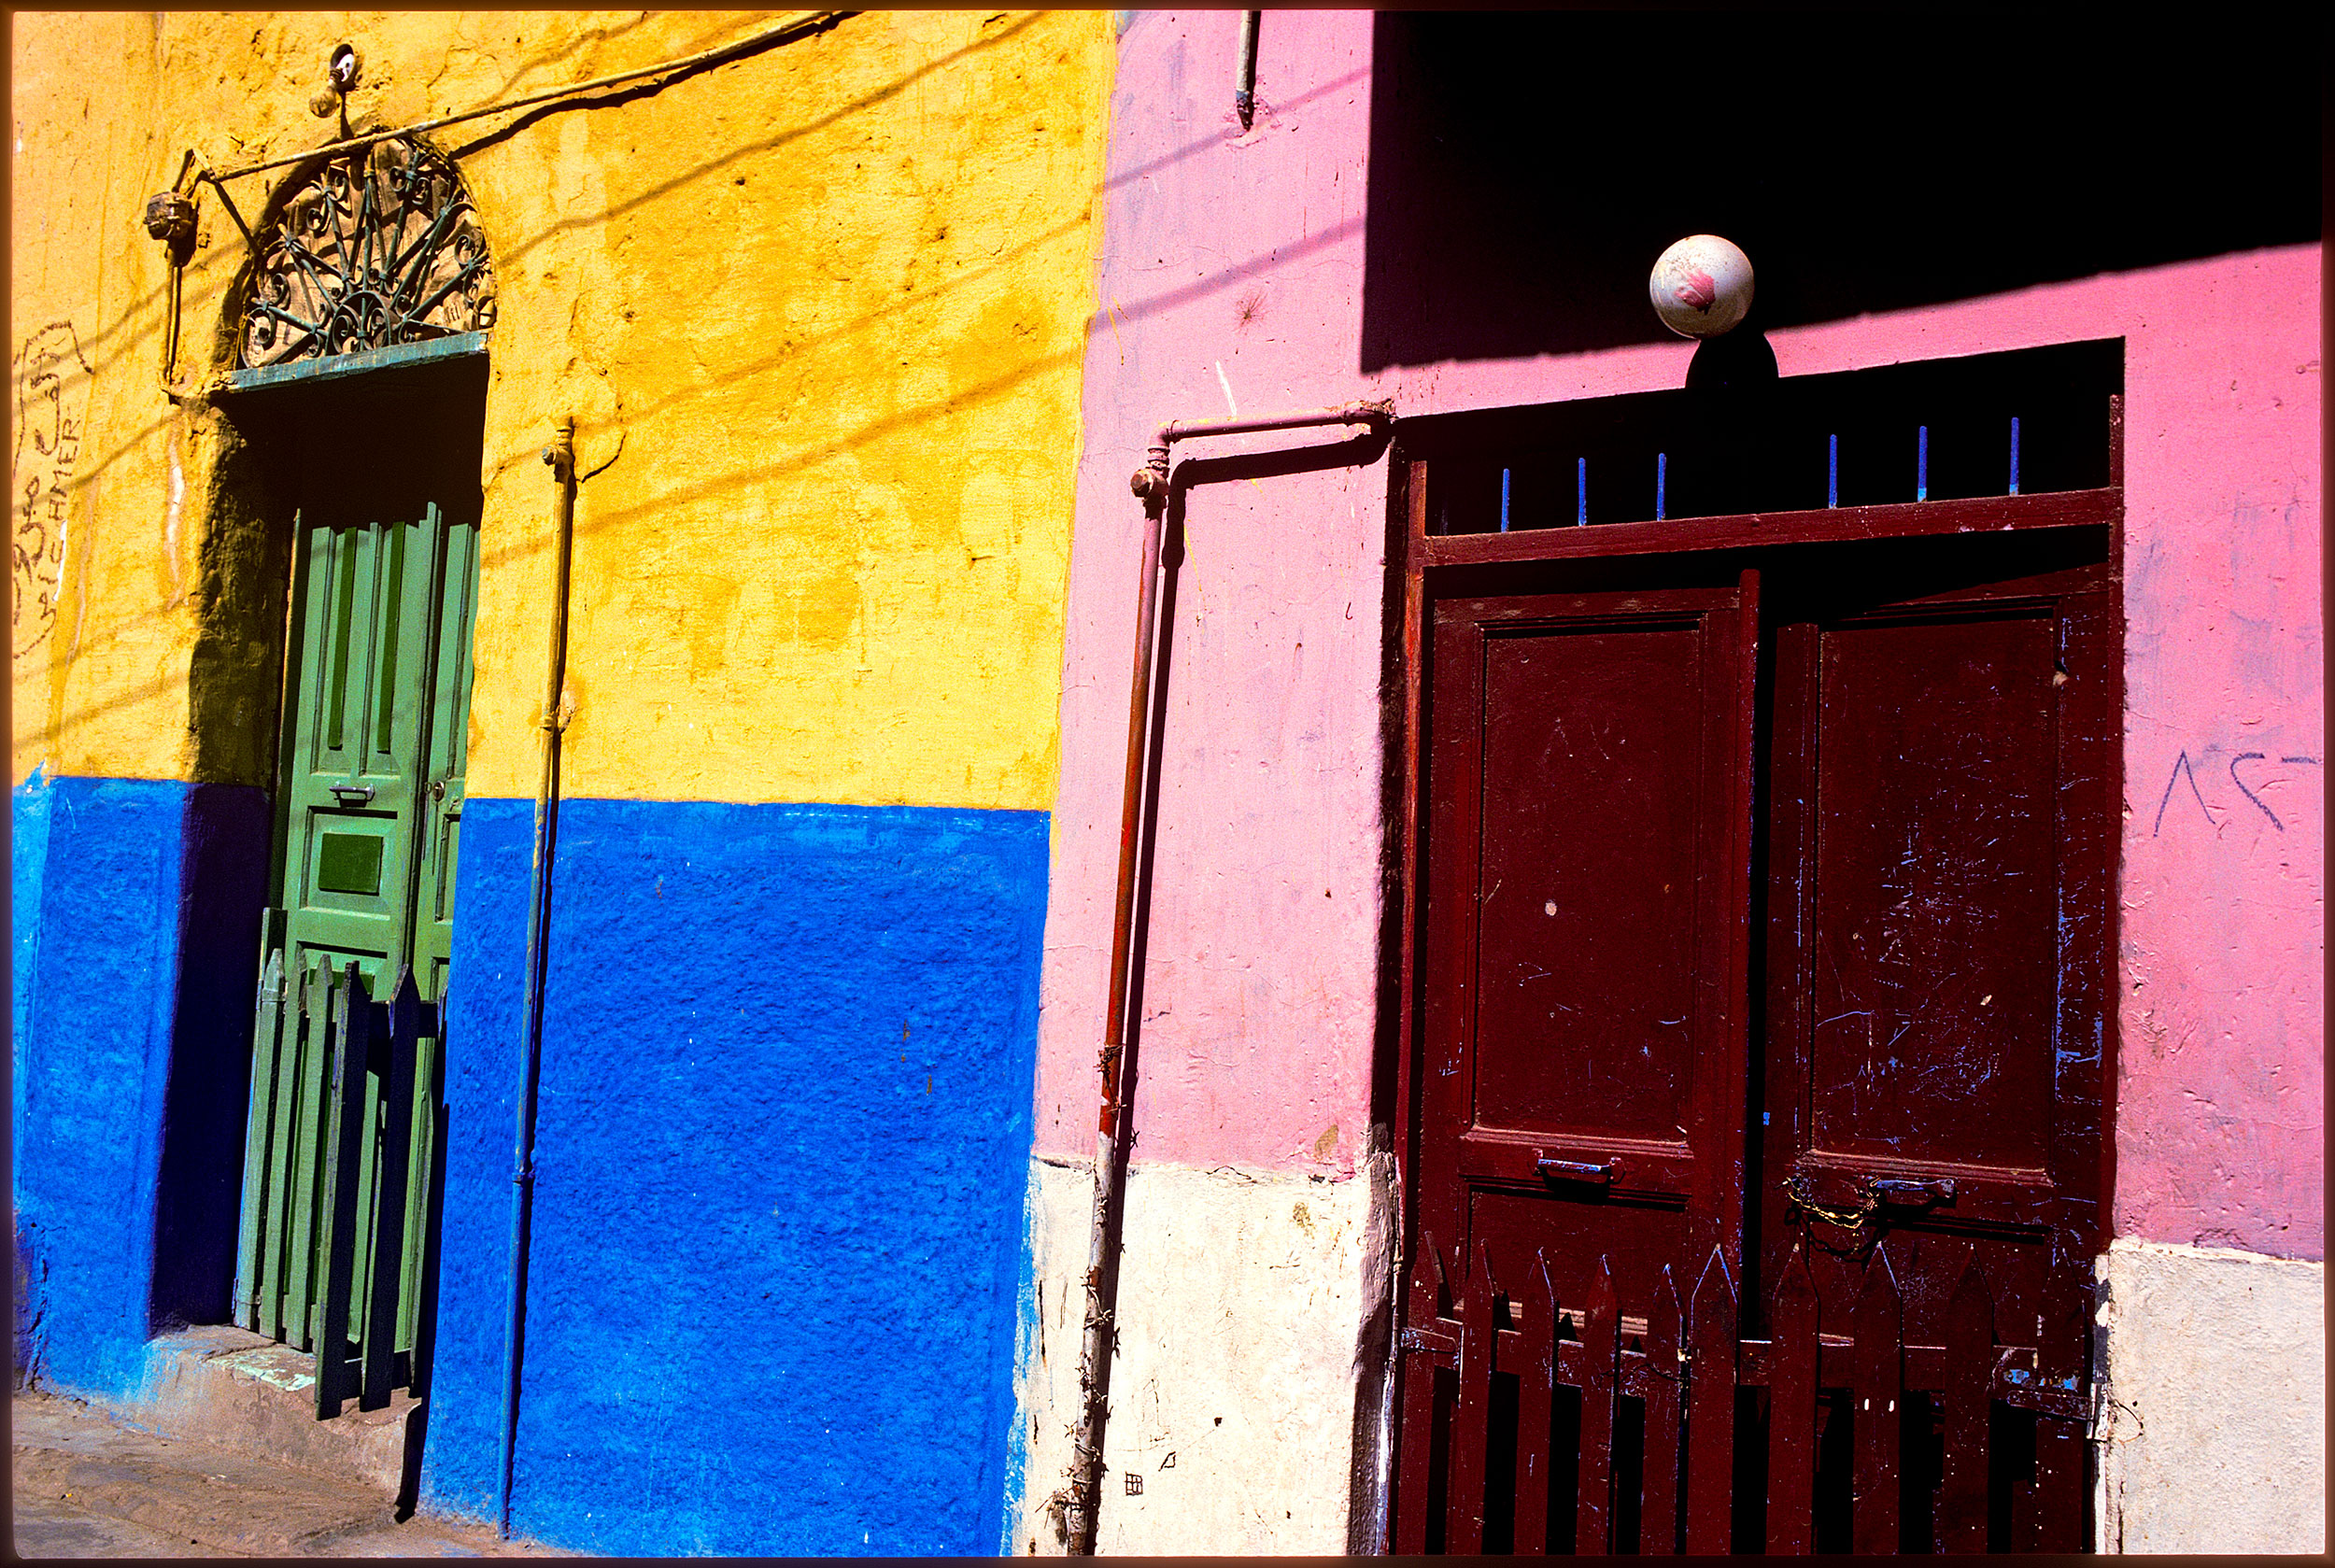 luxor, egypt 1987